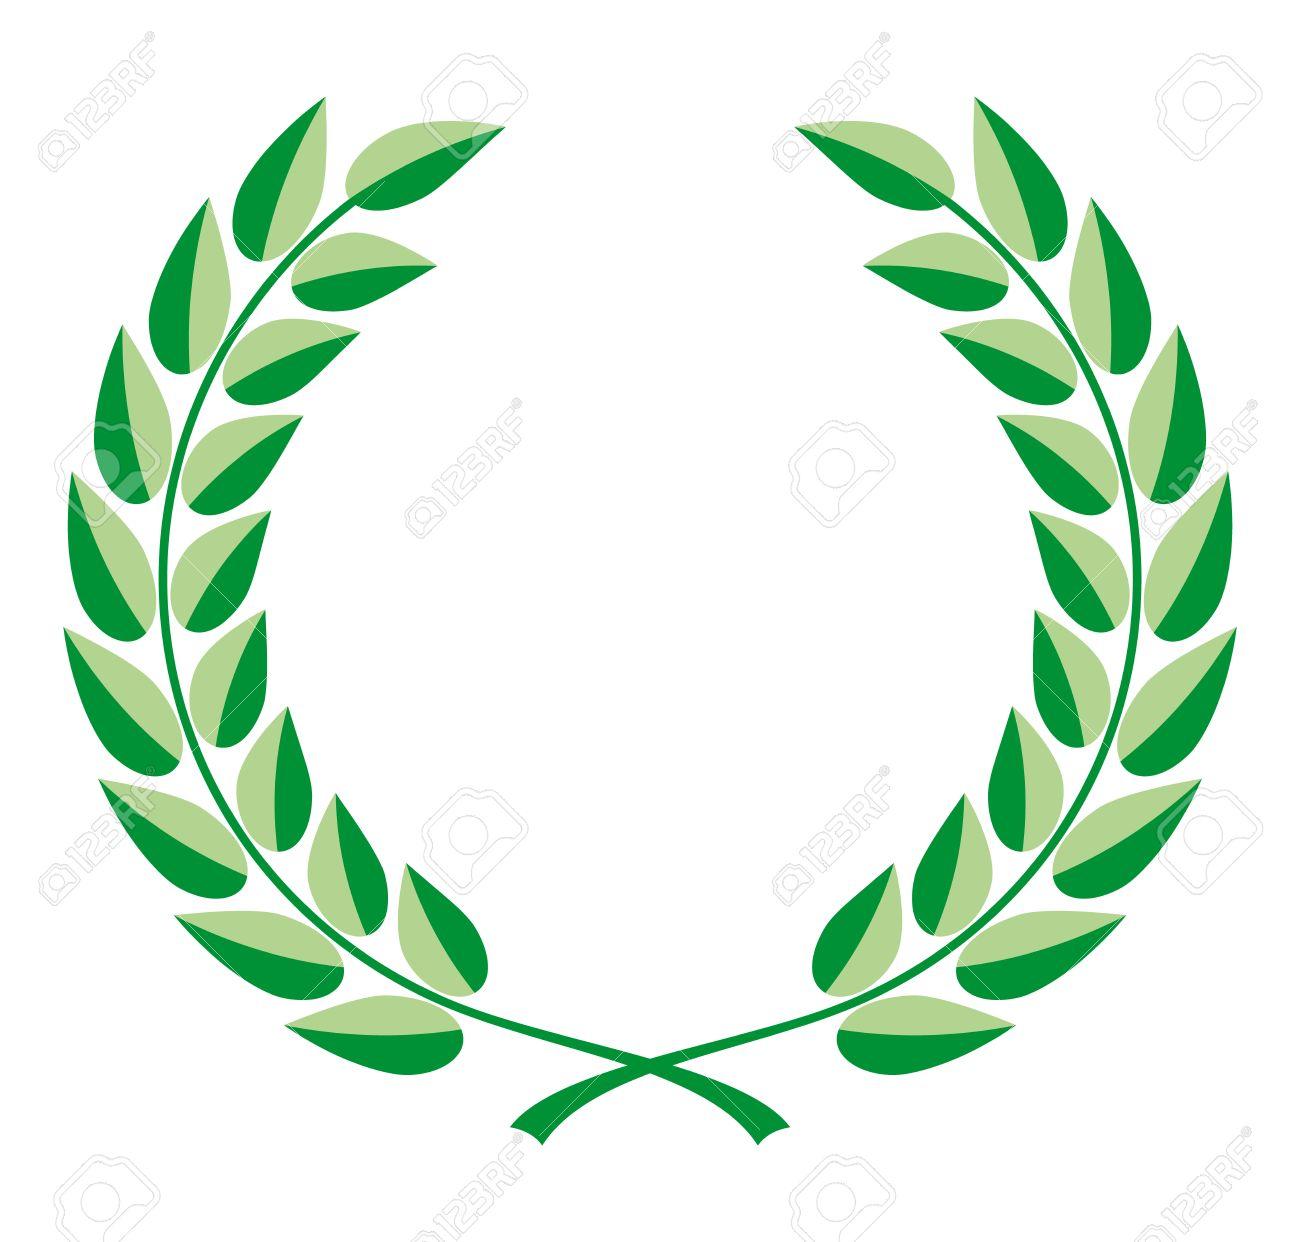 Vettoriale Corona Di Alloro Vettore In Due Tonalità Di Verde Image